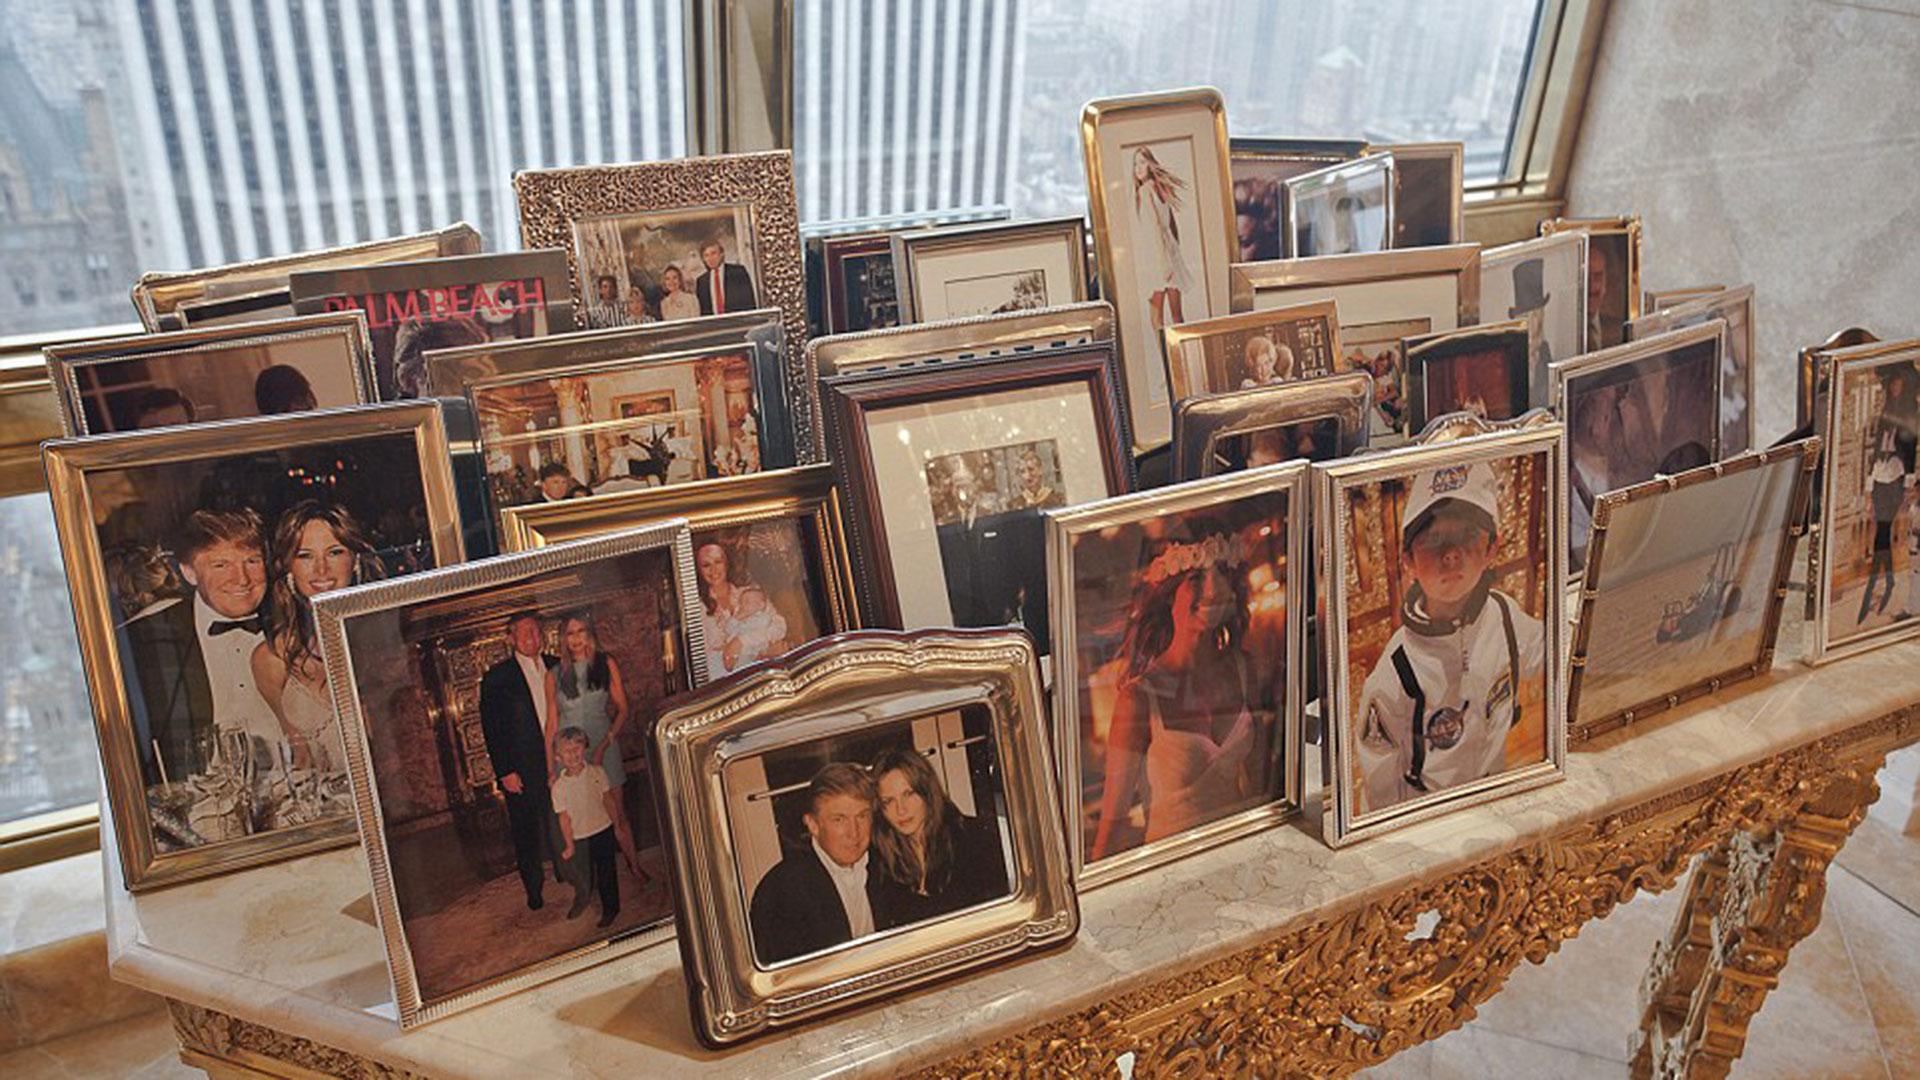 En el penthouse se pueden observar muchas fotos de la familia de Donald Trump, como en esta mesada